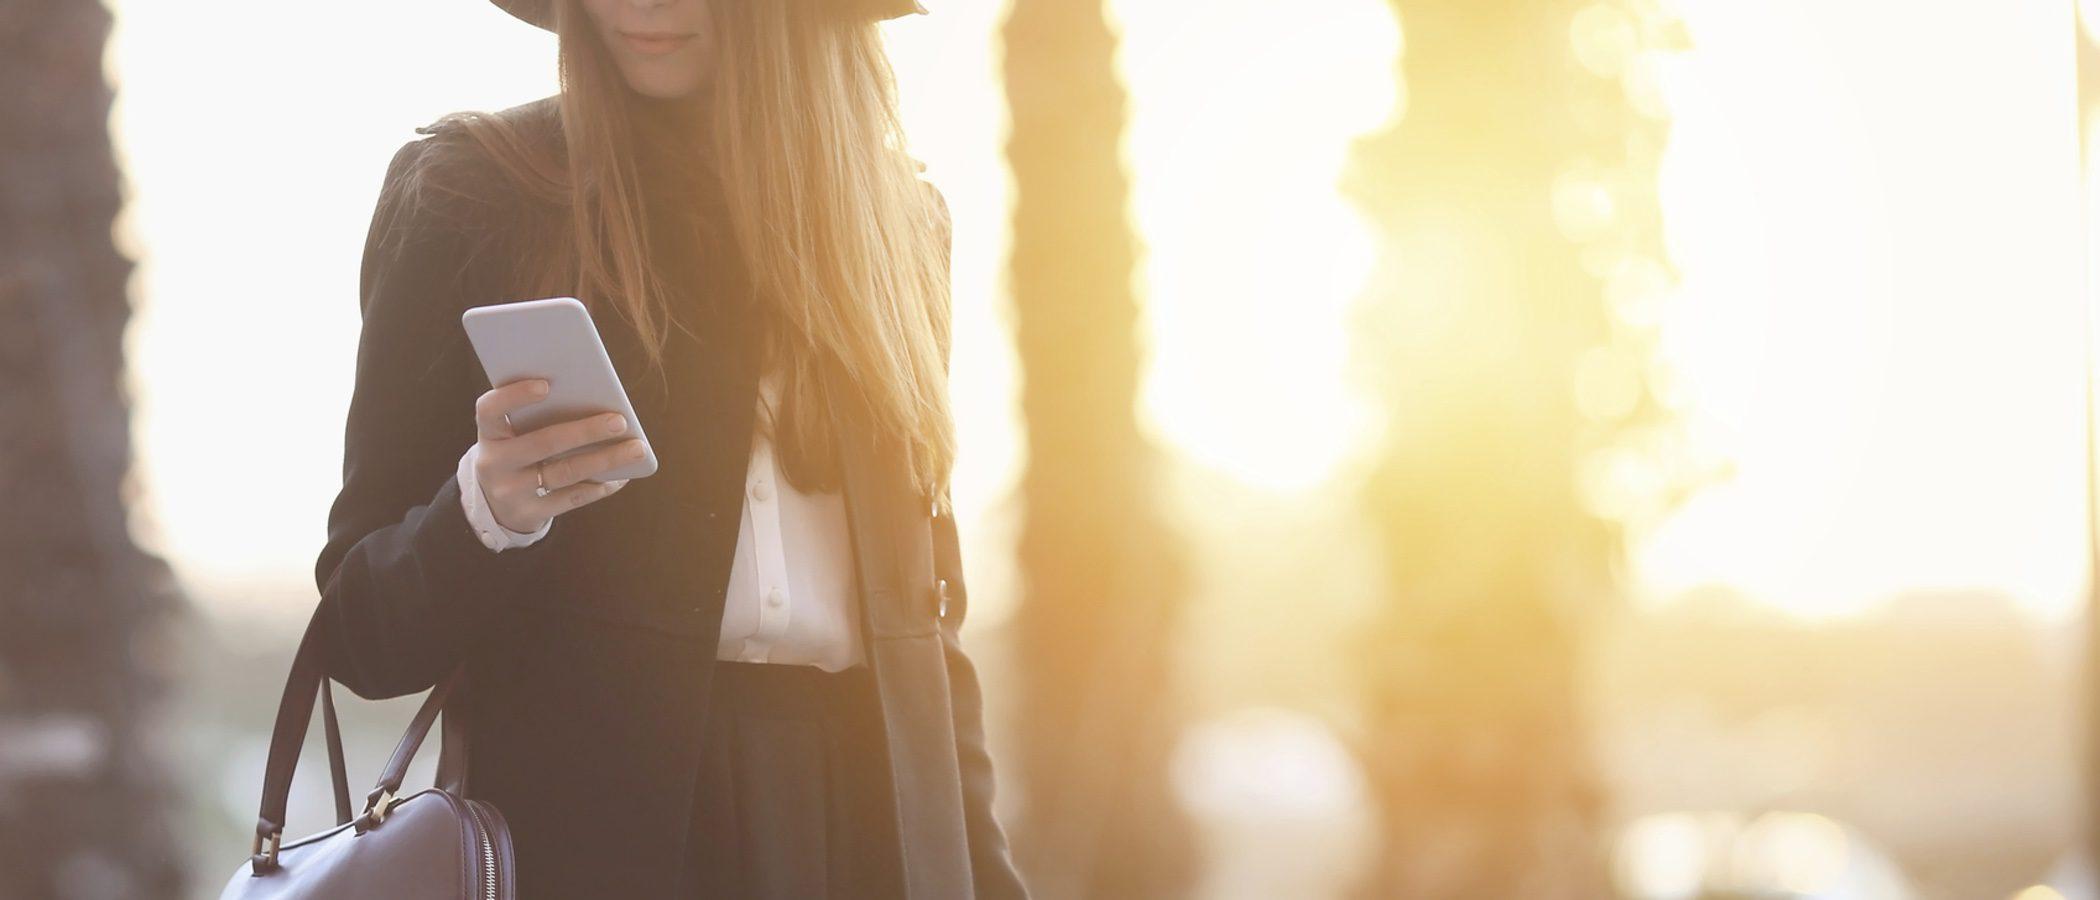 5 looks para entretiempo: estilo ni frío ni calor